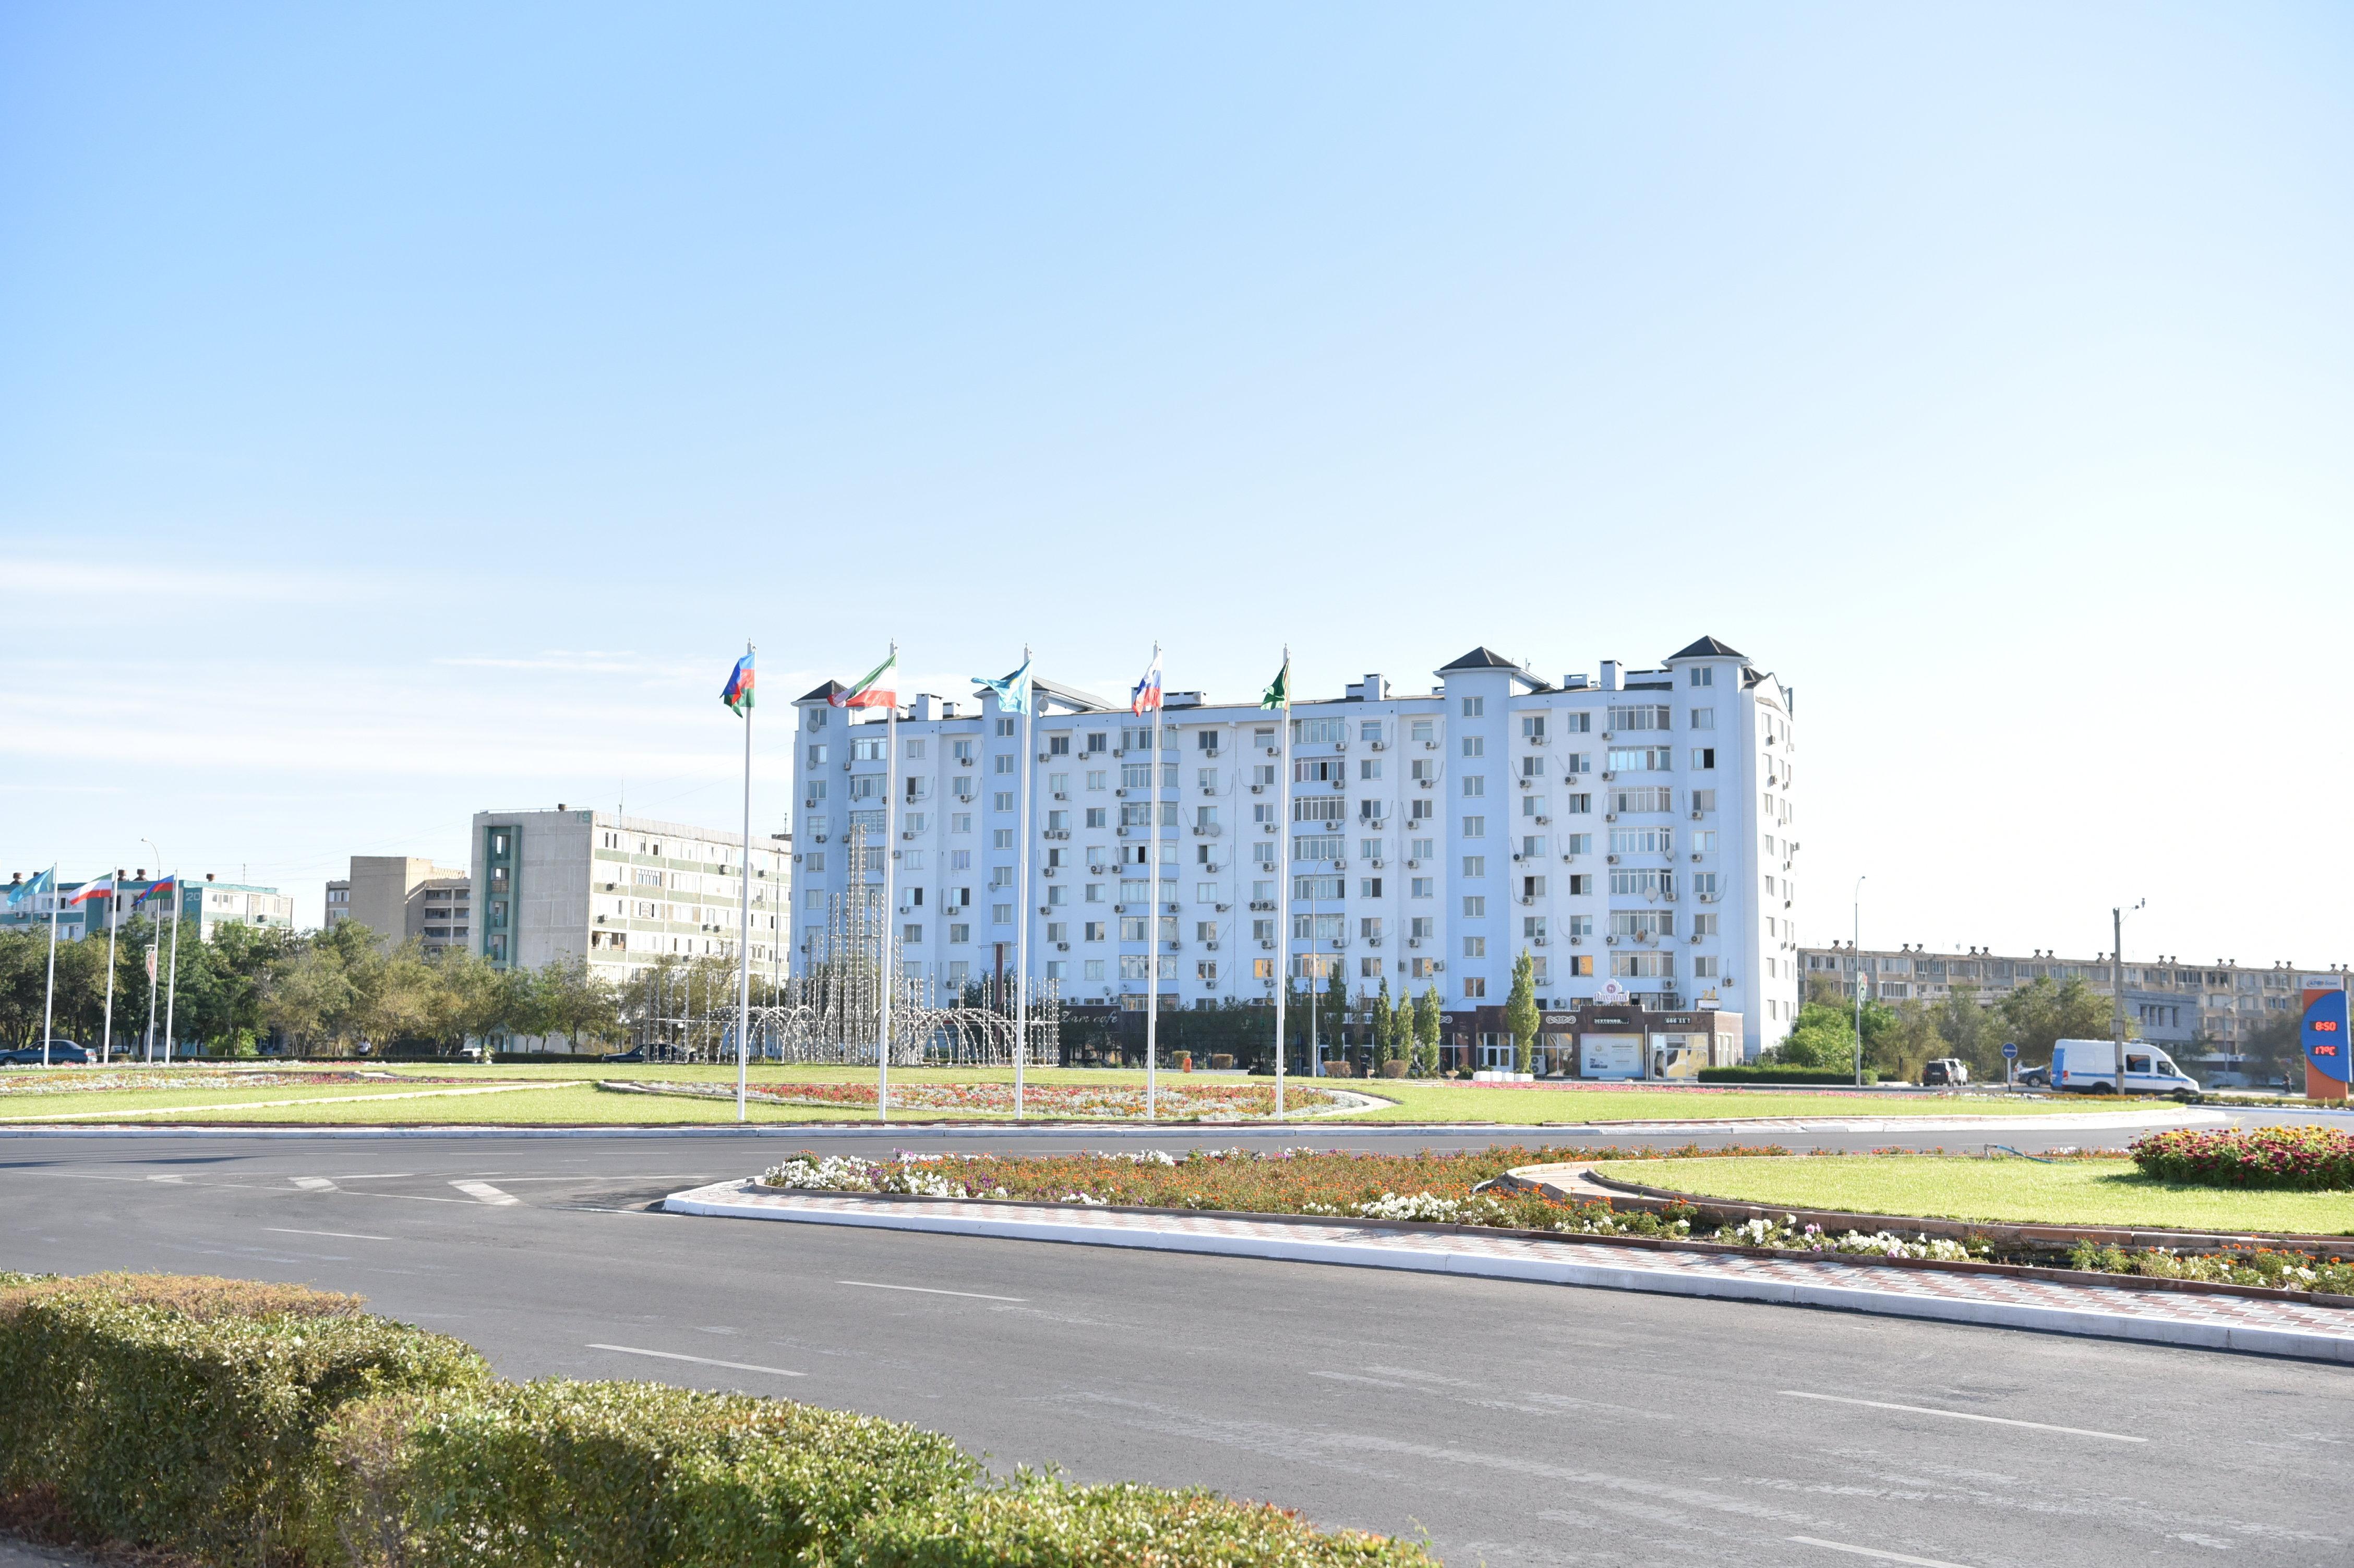 Совещание министров иностранных дел прикаспийских государств в Актау